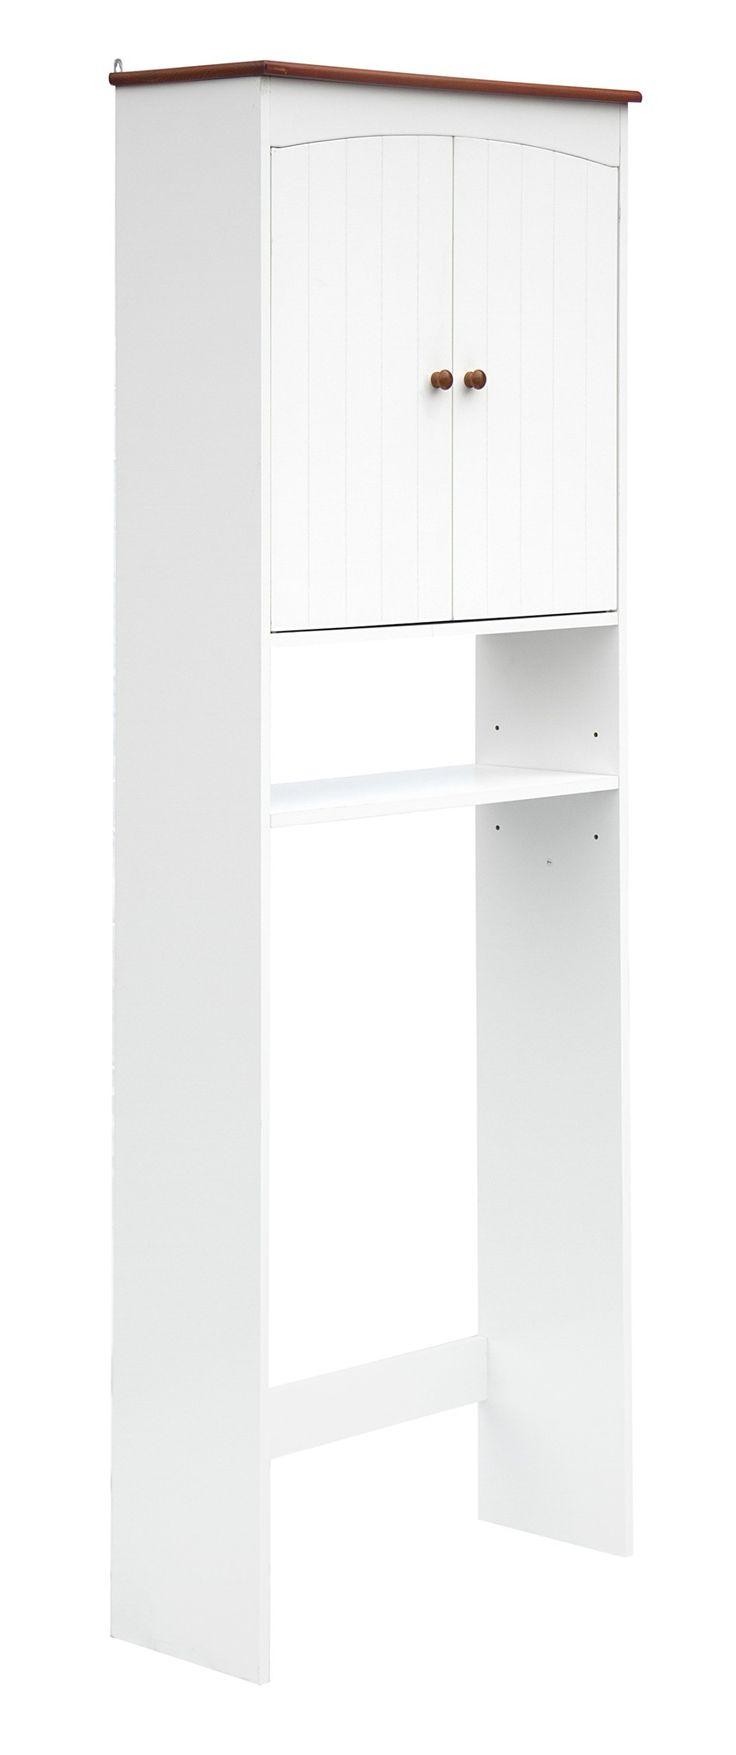 simple meuble rangement salle de bain tagre salle de bain wcmachine laver with fixation meuble. Black Bedroom Furniture Sets. Home Design Ideas